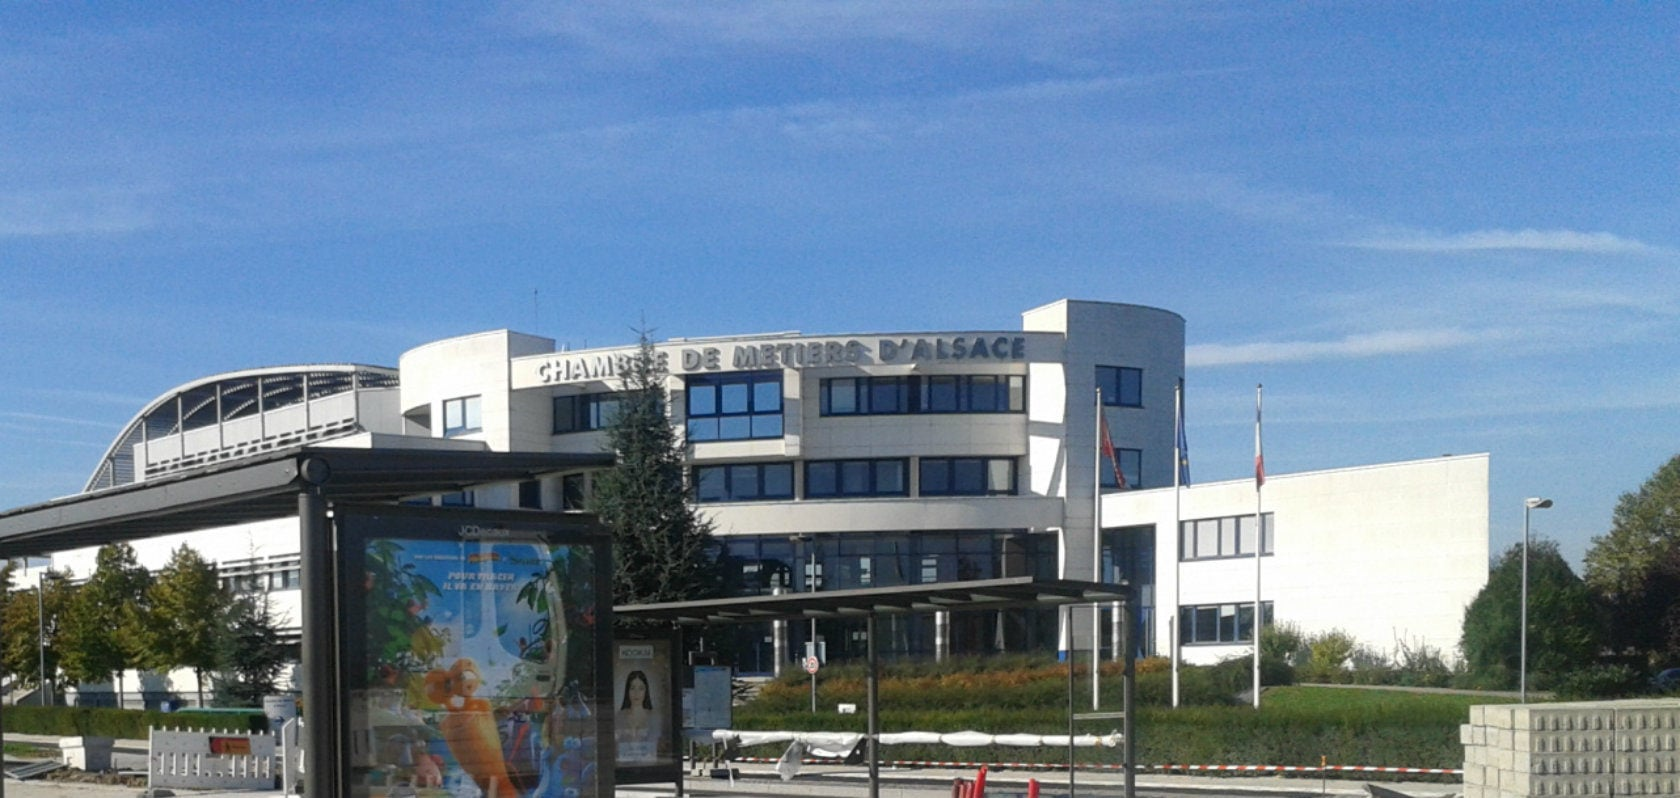 Tous les articles sur bernard stalter sur rue89 strasbourg - Chambre des metiers strasbourg ...